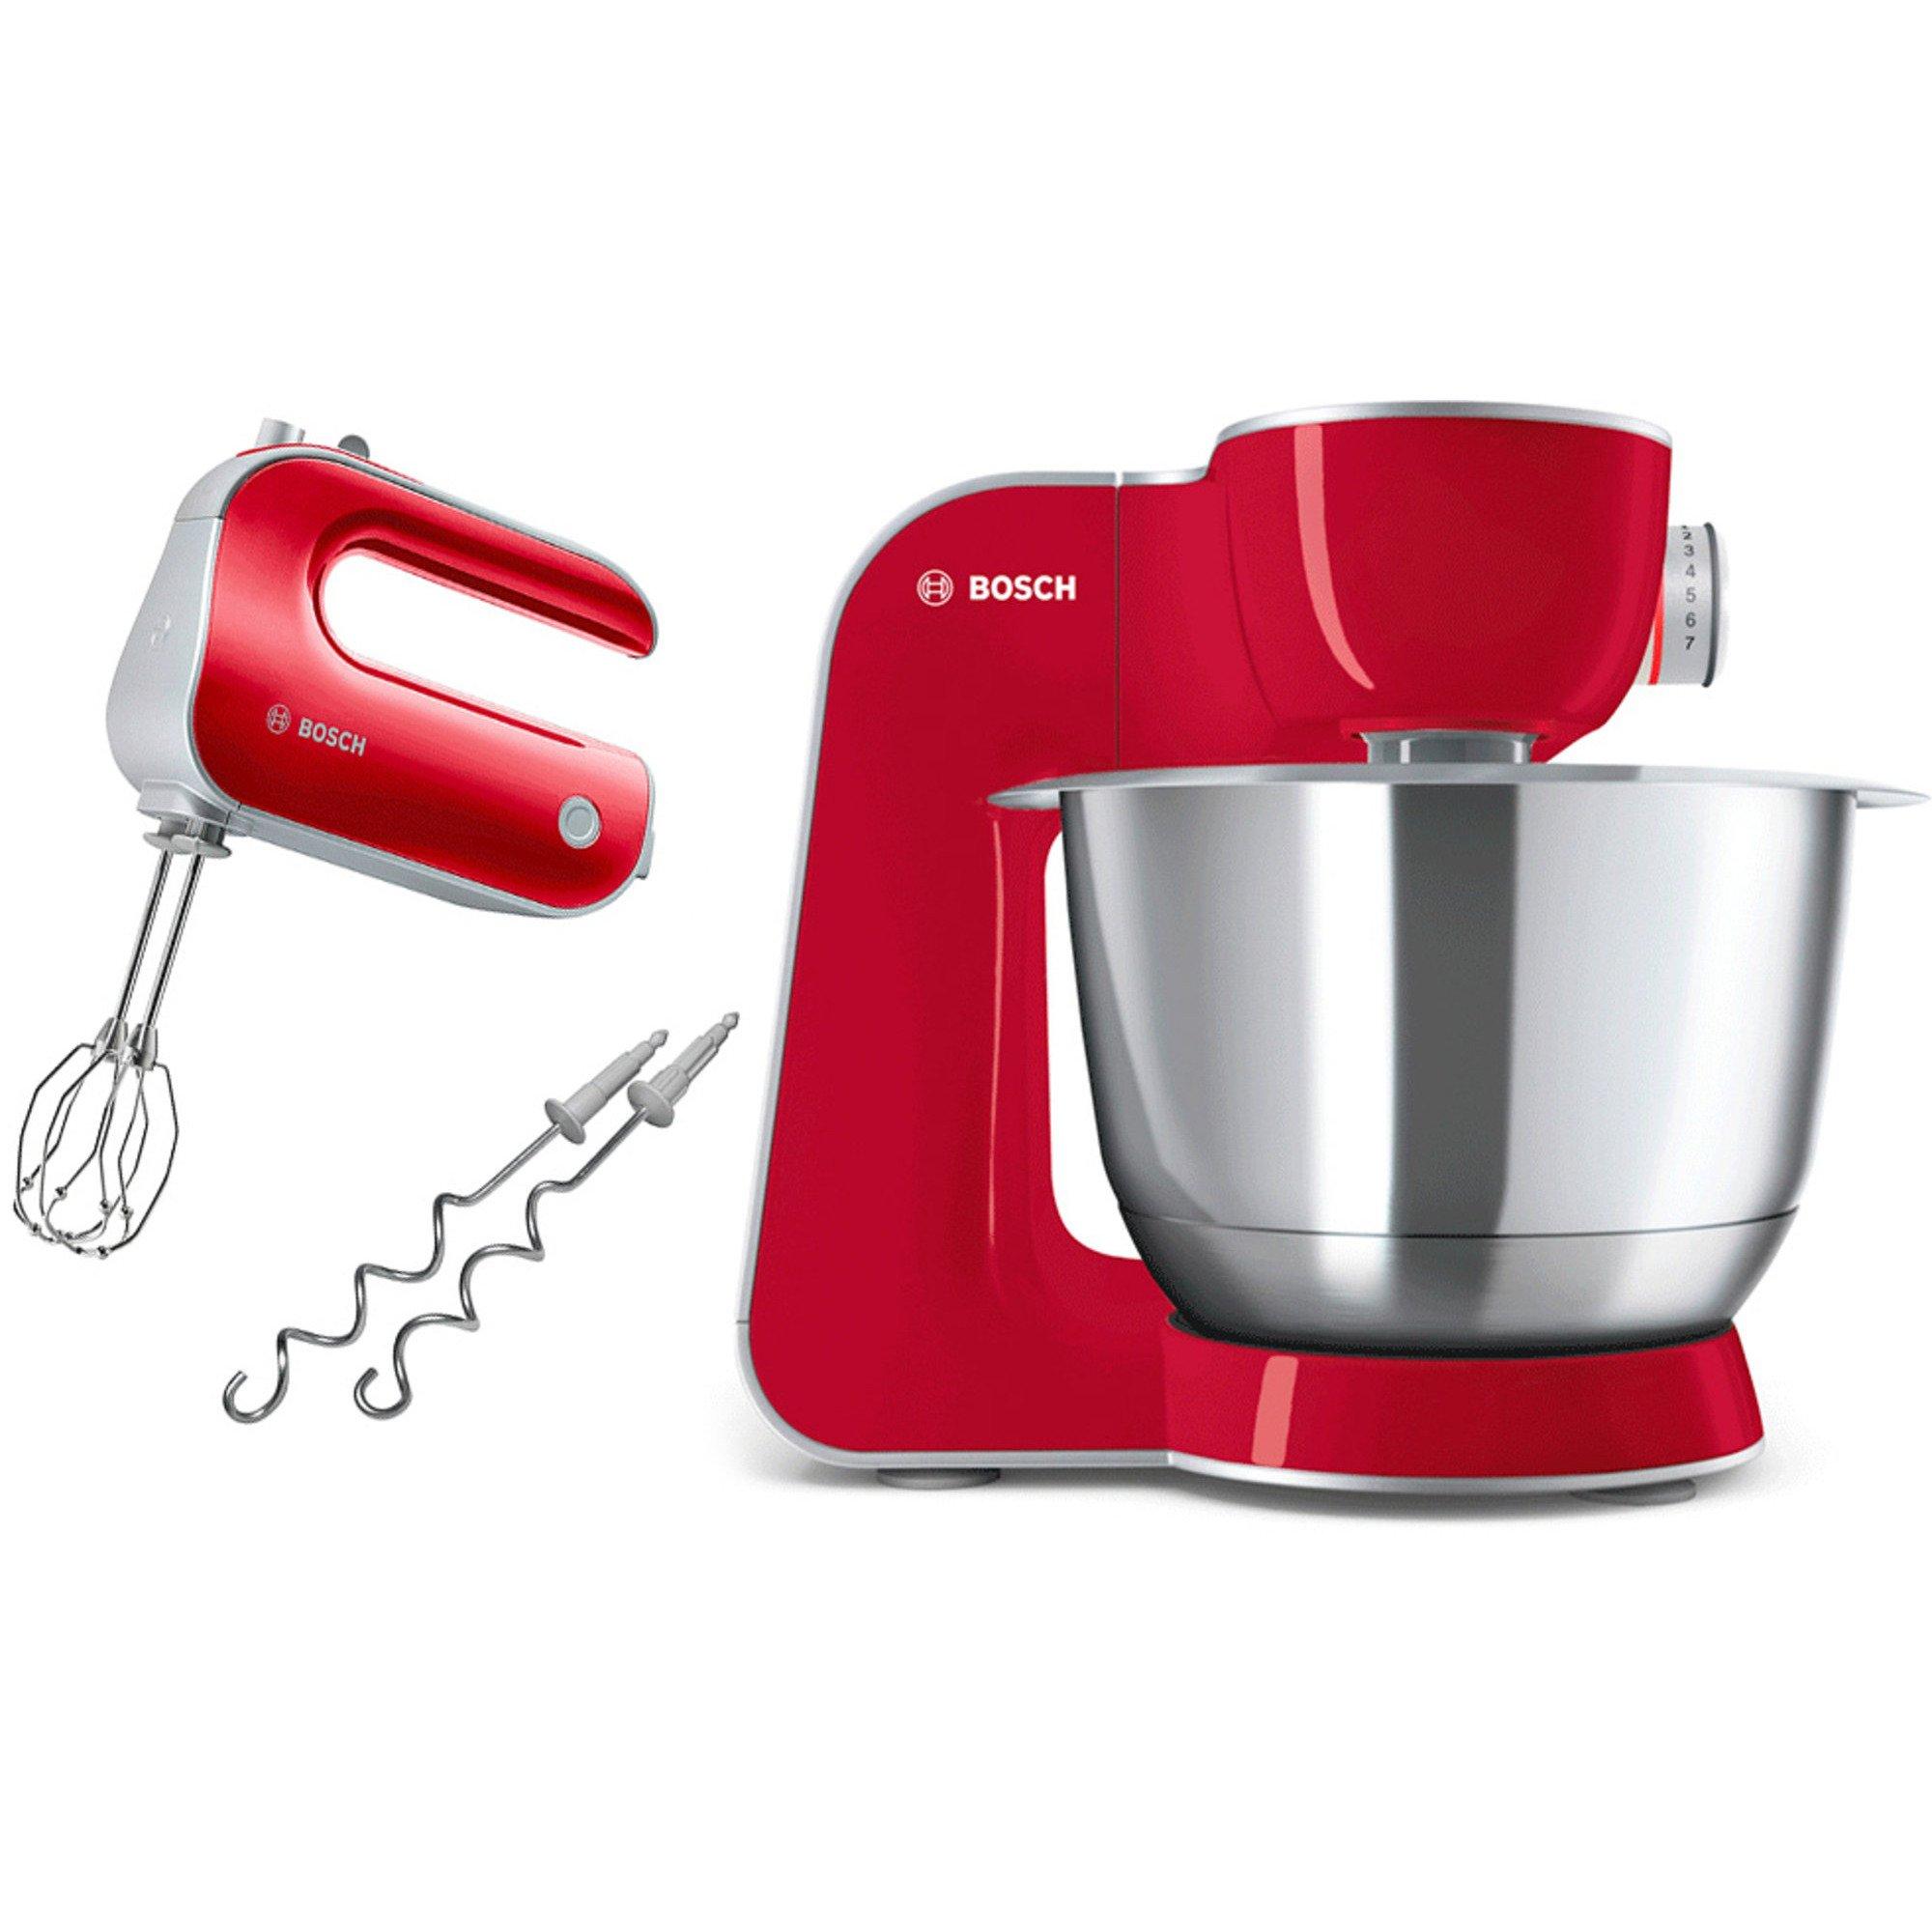 Bosch Kjøkkenmaskin MUM5 CreationLine Dyp rød/Sølv